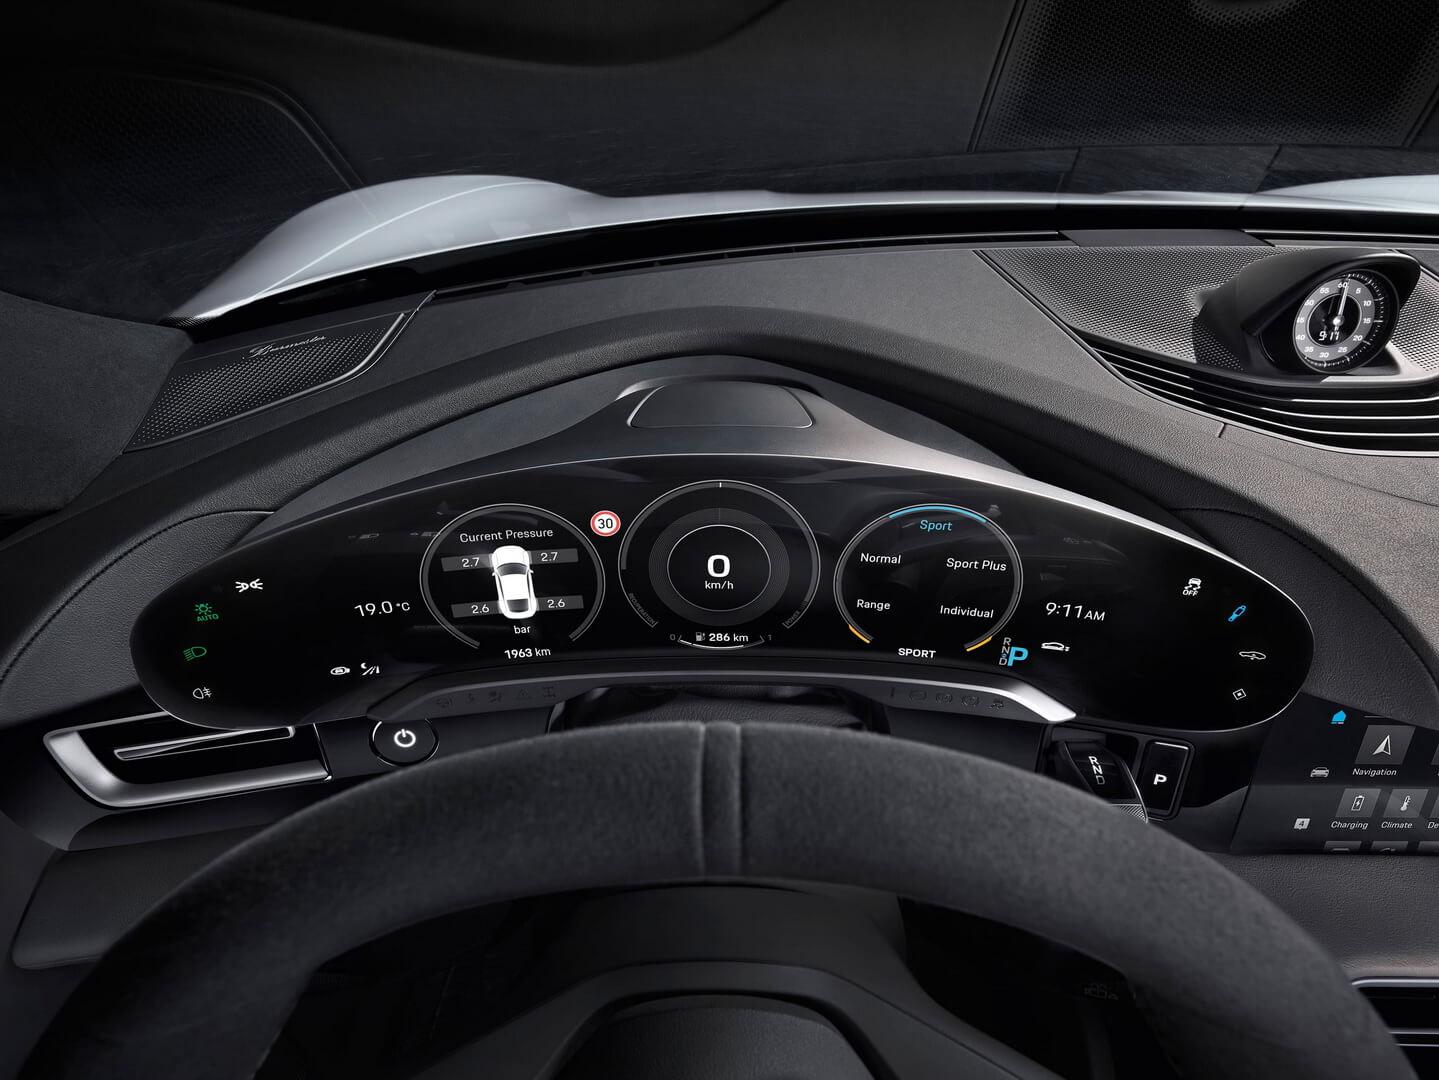 Панель приборов будущего электромобиля Porsche Taycan